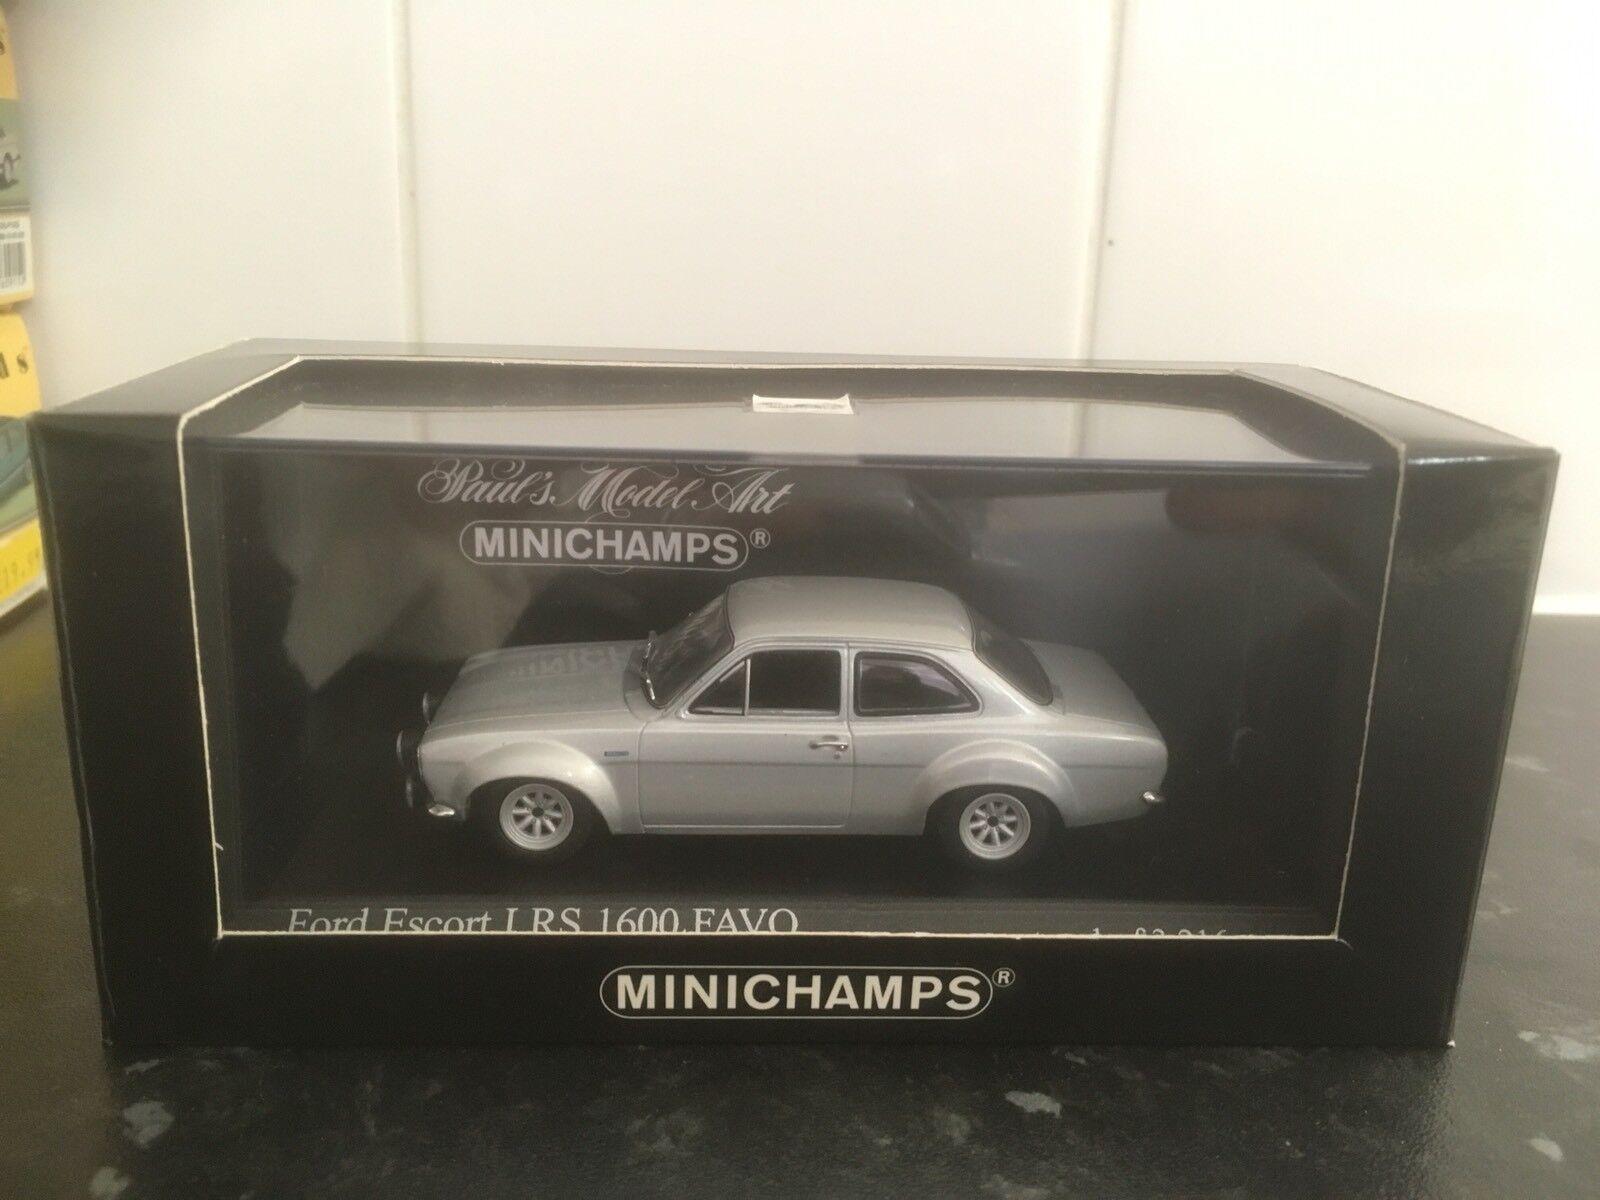 Minichamps Ford Escort Mk1 RS1600 Favo argent  métallisé 1 43 En parfait état, dans sa boîte LTD ED  meilleure vente